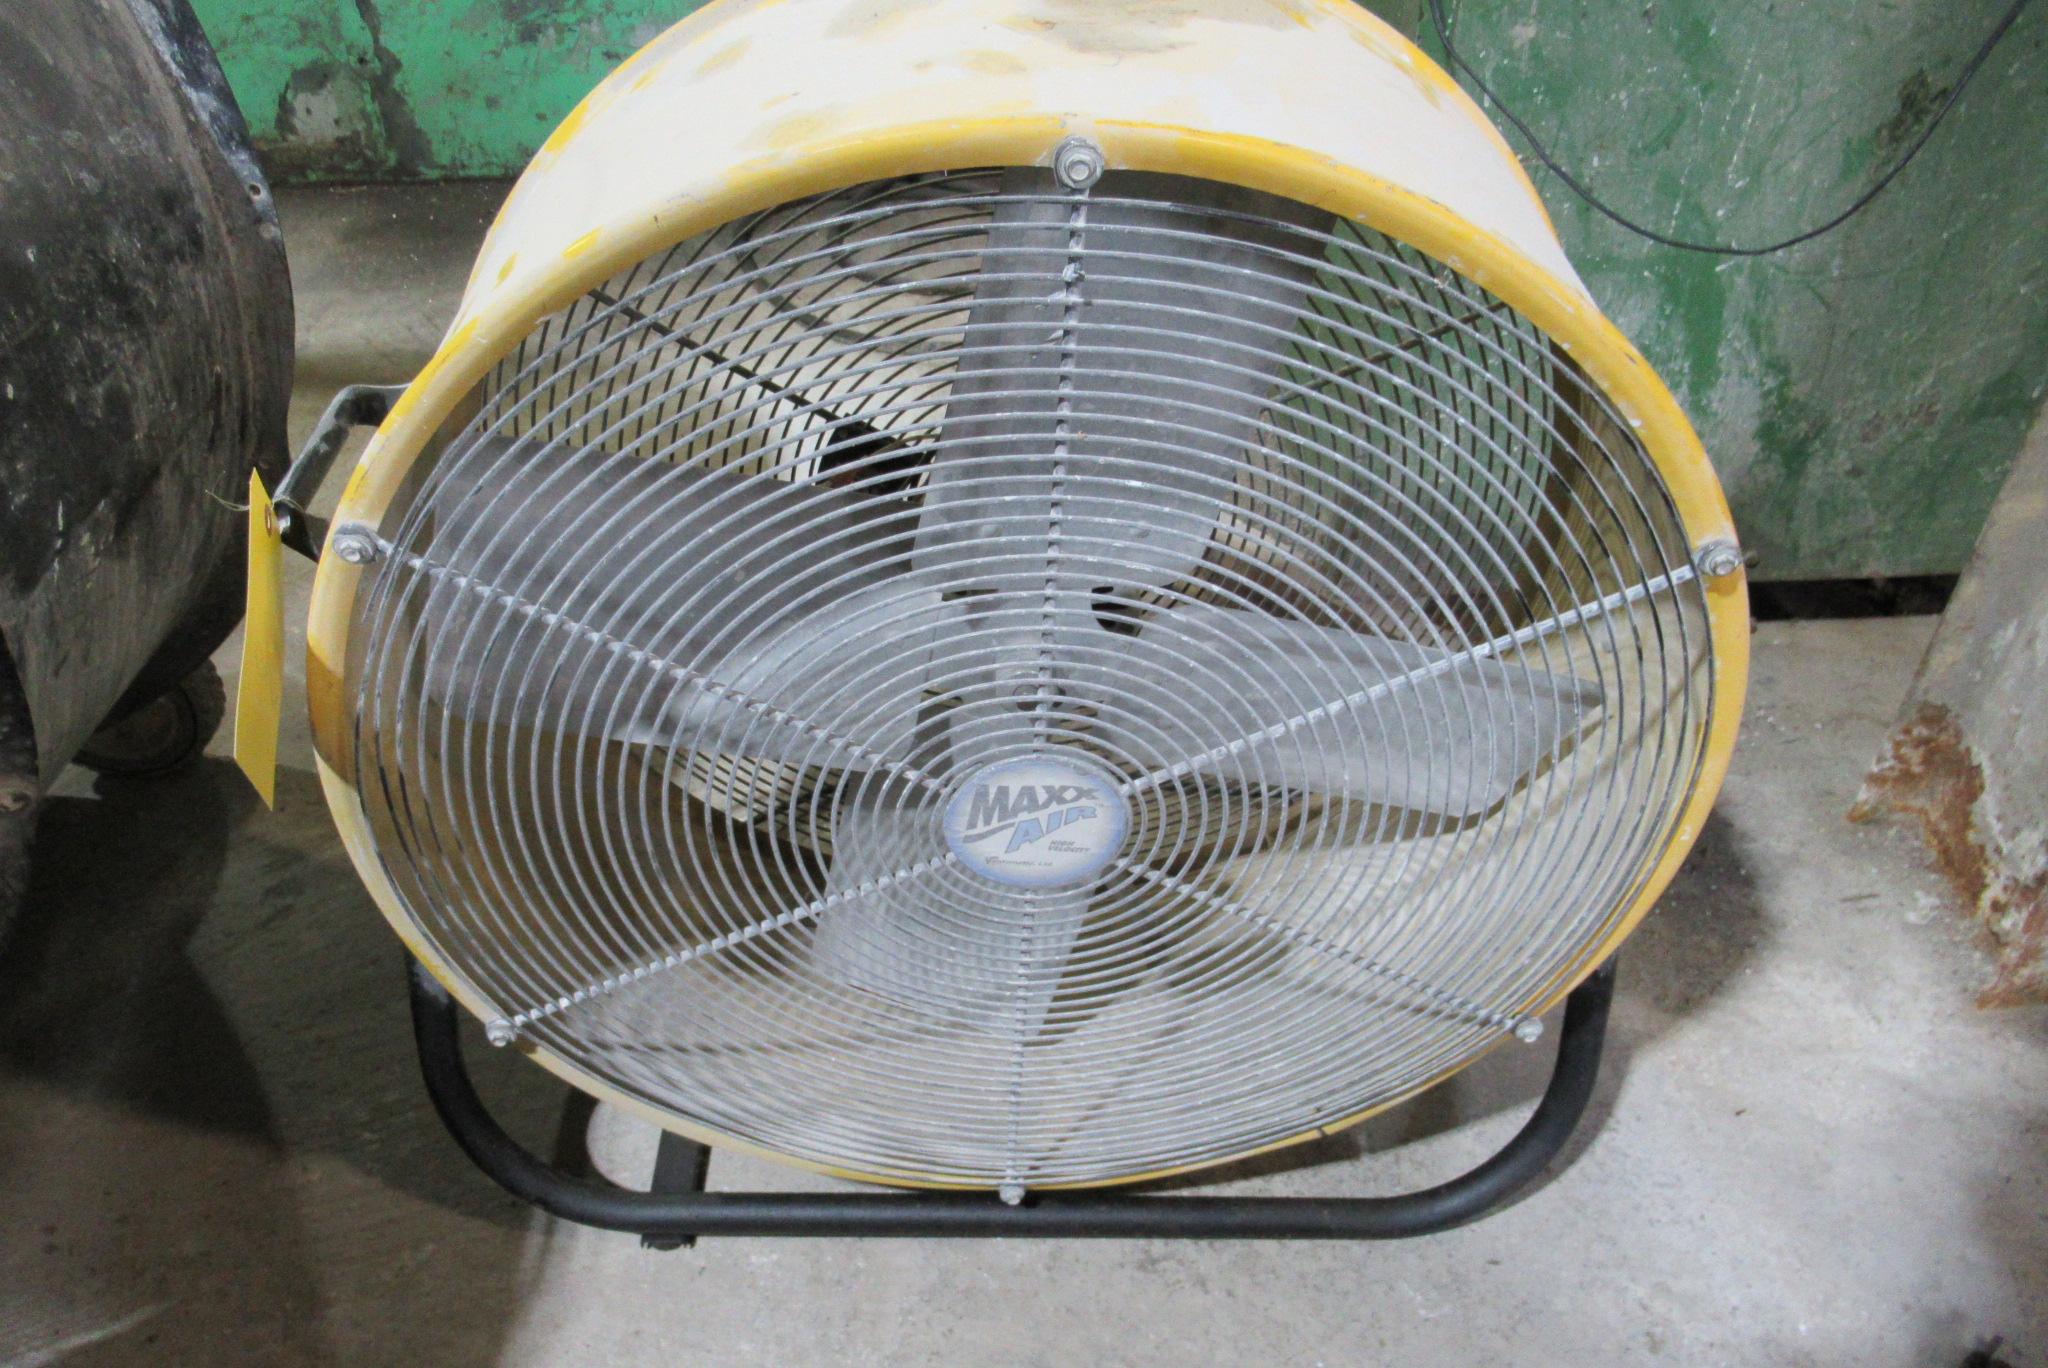 Lot 36 - Maxx Air High Velocity Air Circulator